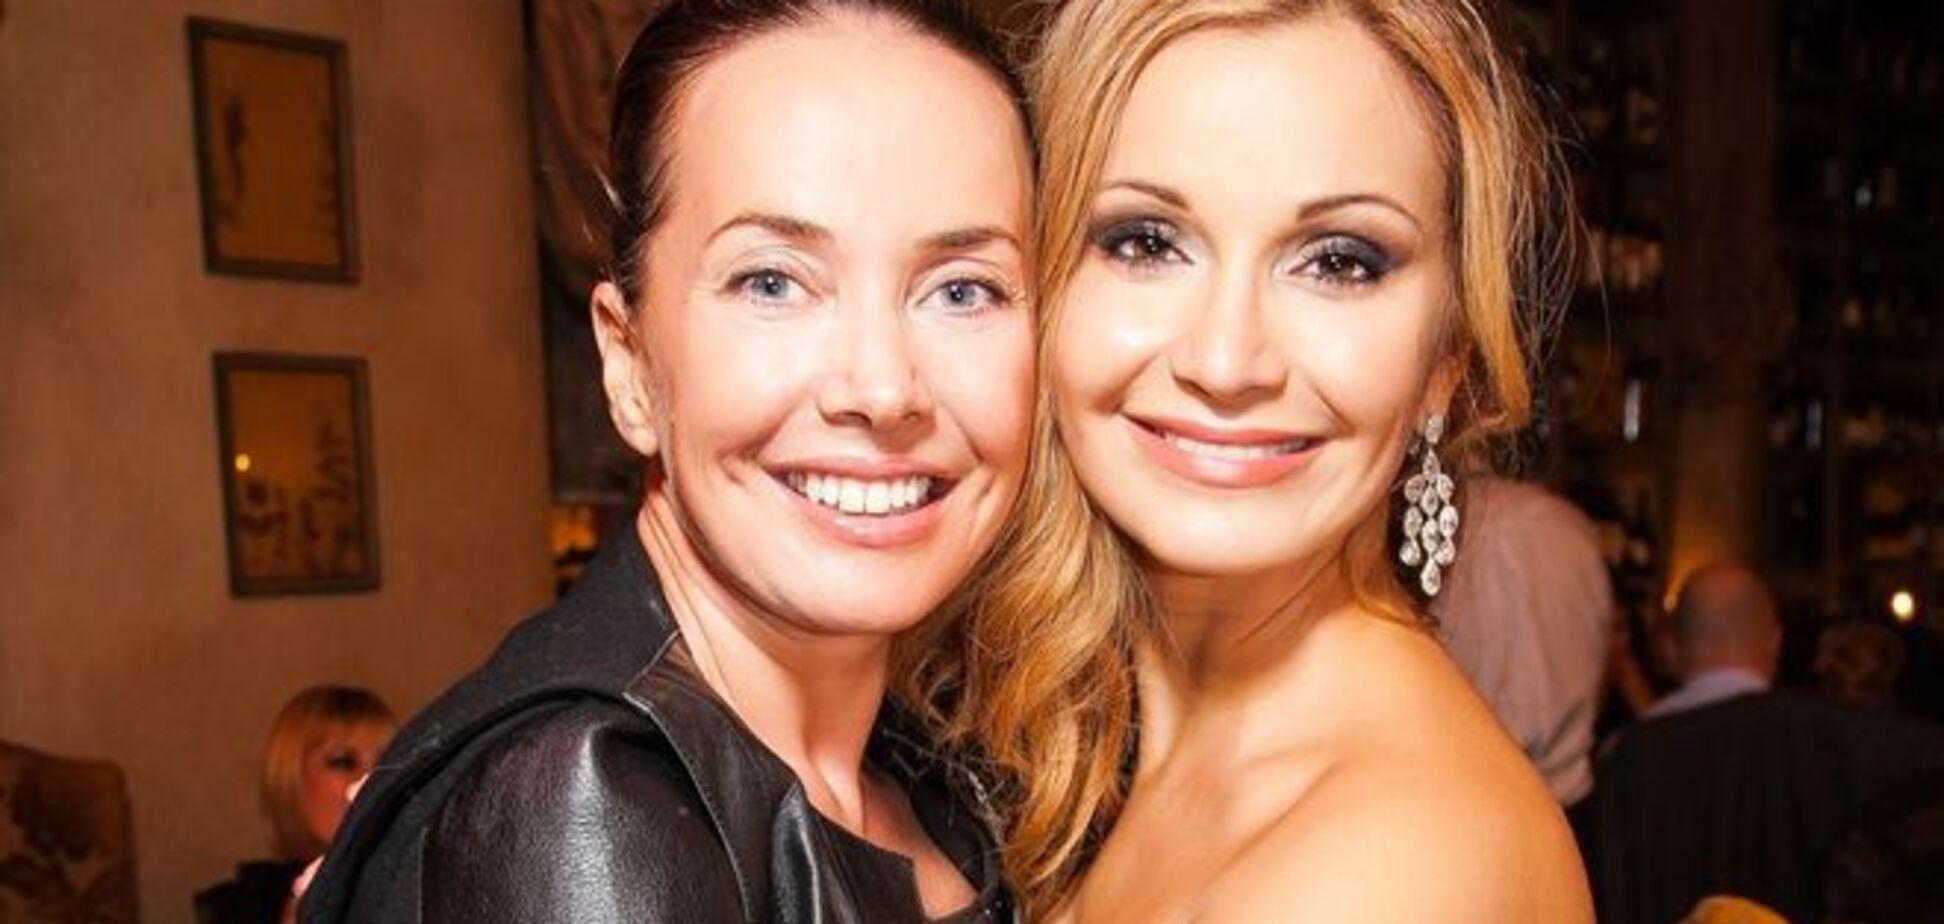 40 дней без Жанны Фриске: Ольга Орлова трогательно обратилась к подруге и поделилась редкими фото